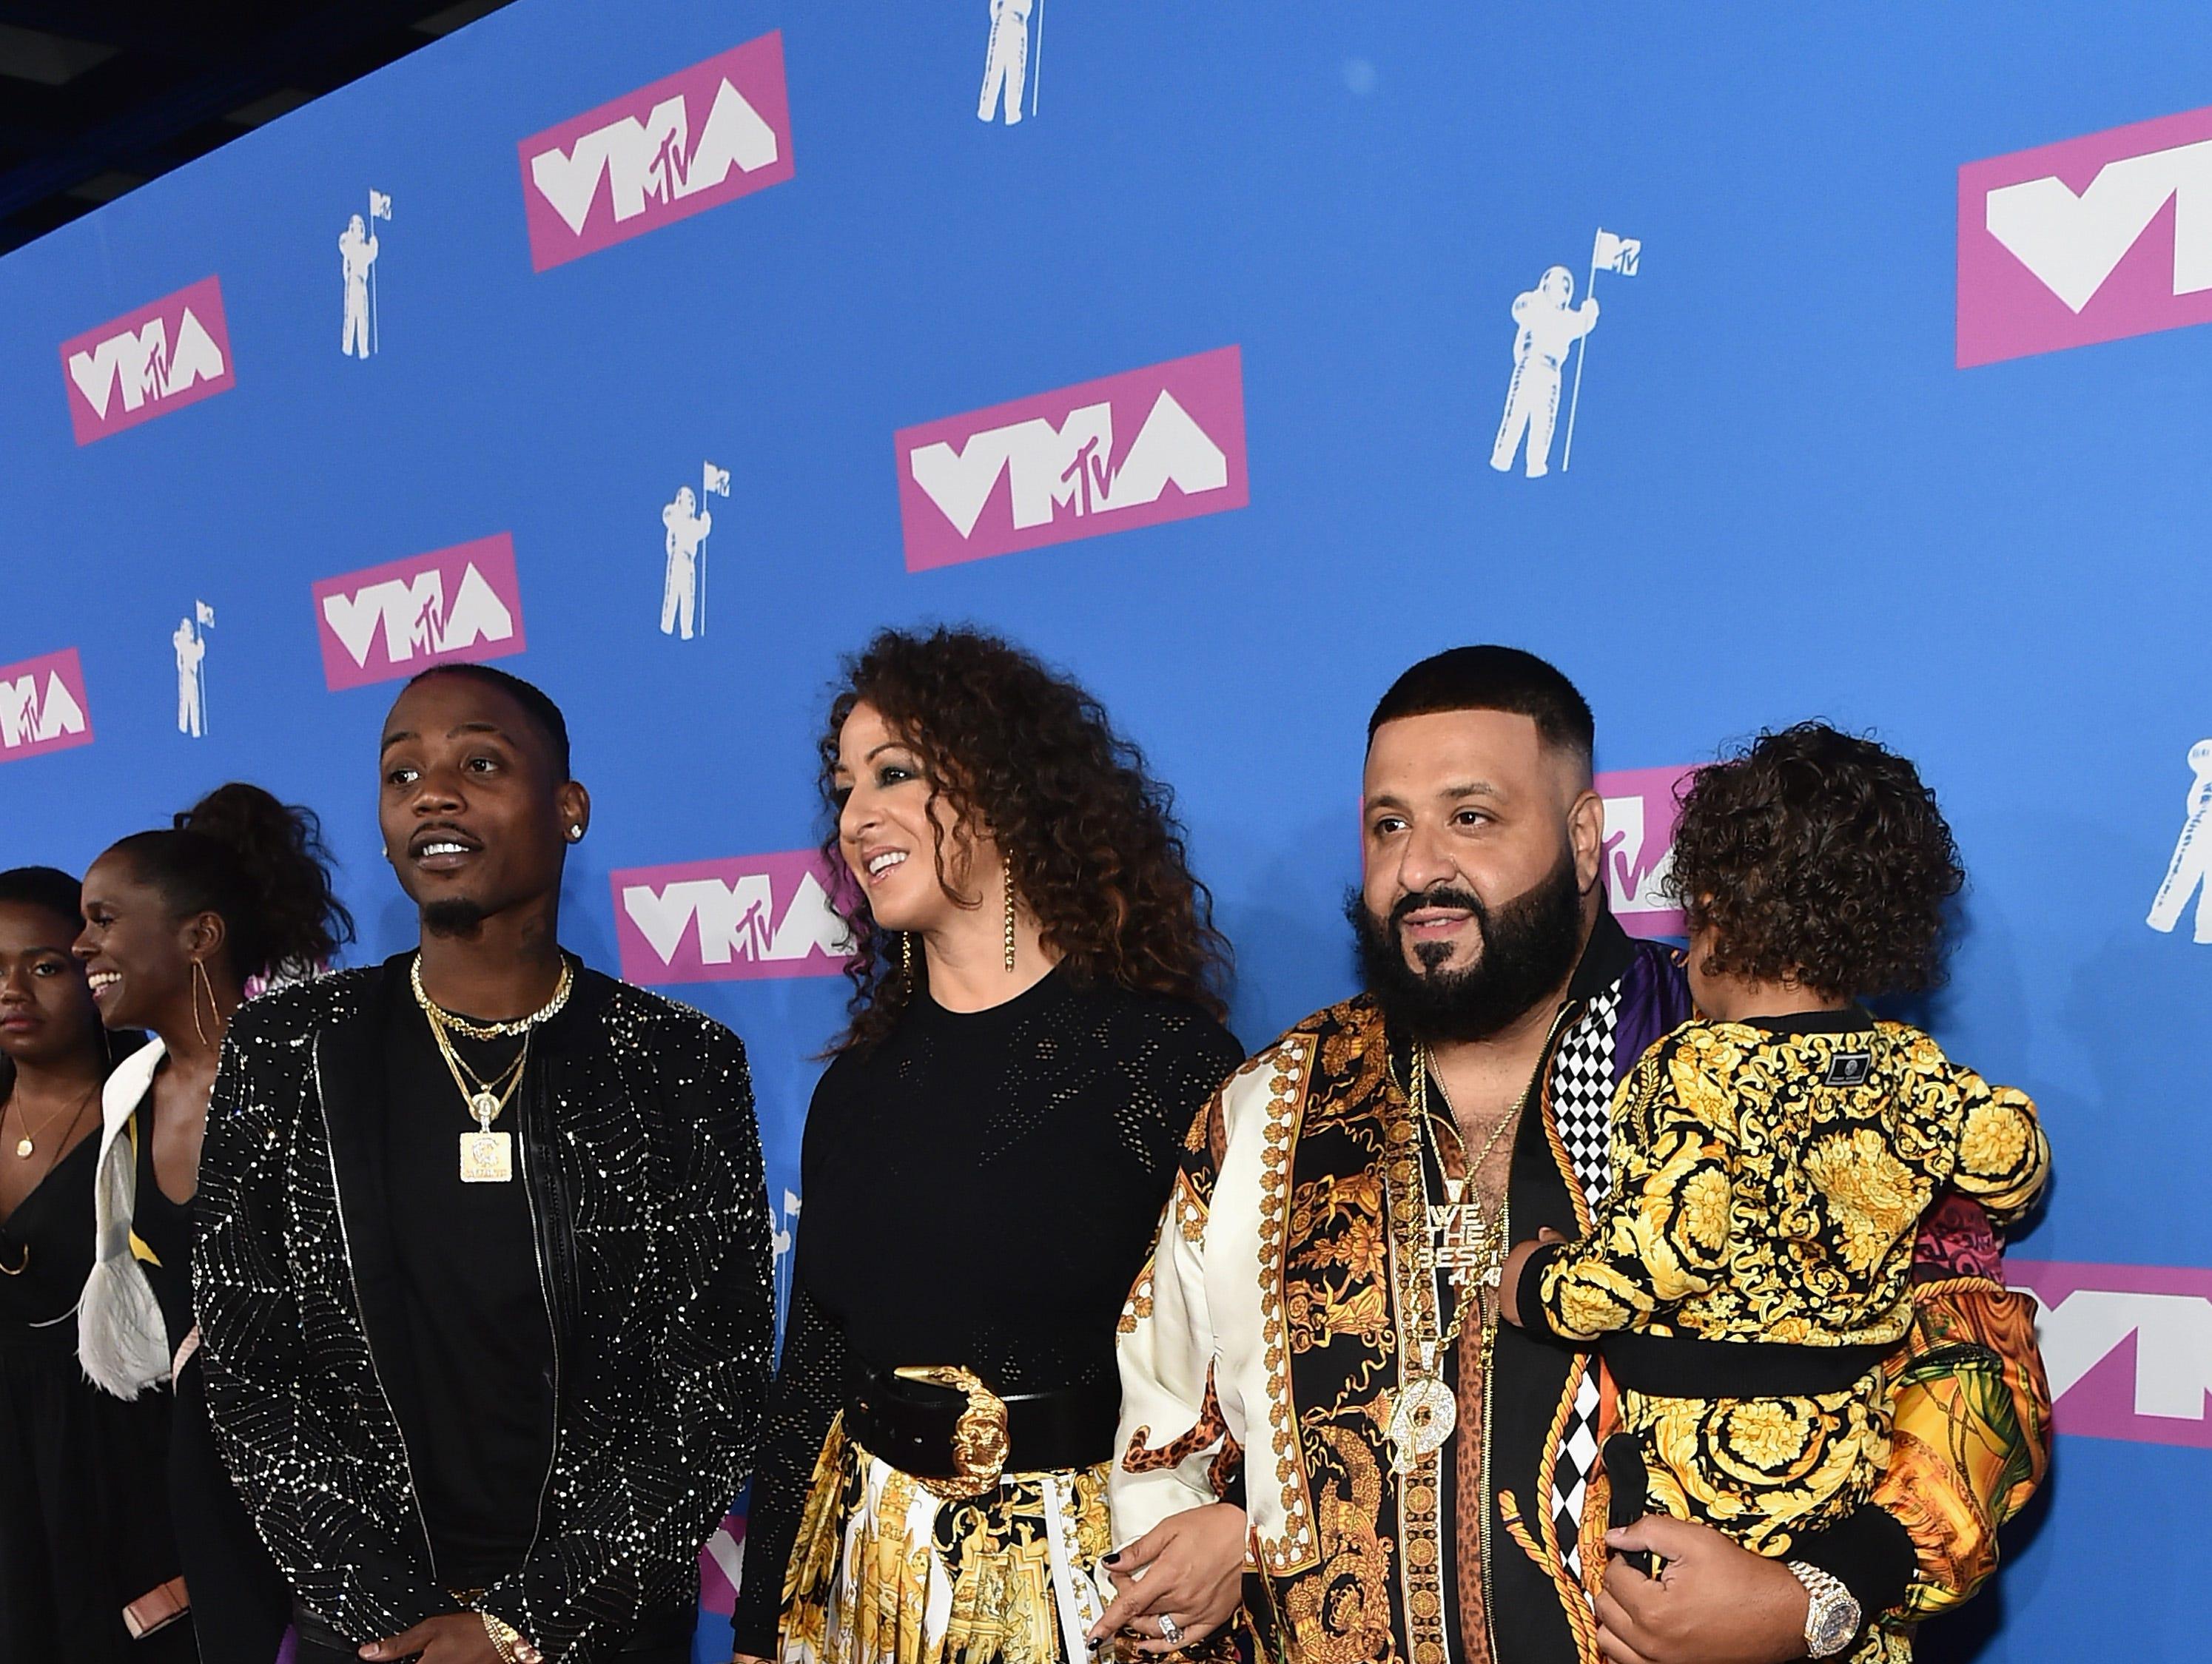 DJ Khaled, Asahd Tuck Khaled y Nicole Tuck asisten a los MTV Video Music Awards 2018 en el Radio City Music Hall el 20 de agosto de 2018 en la ciudad de Nueva York.